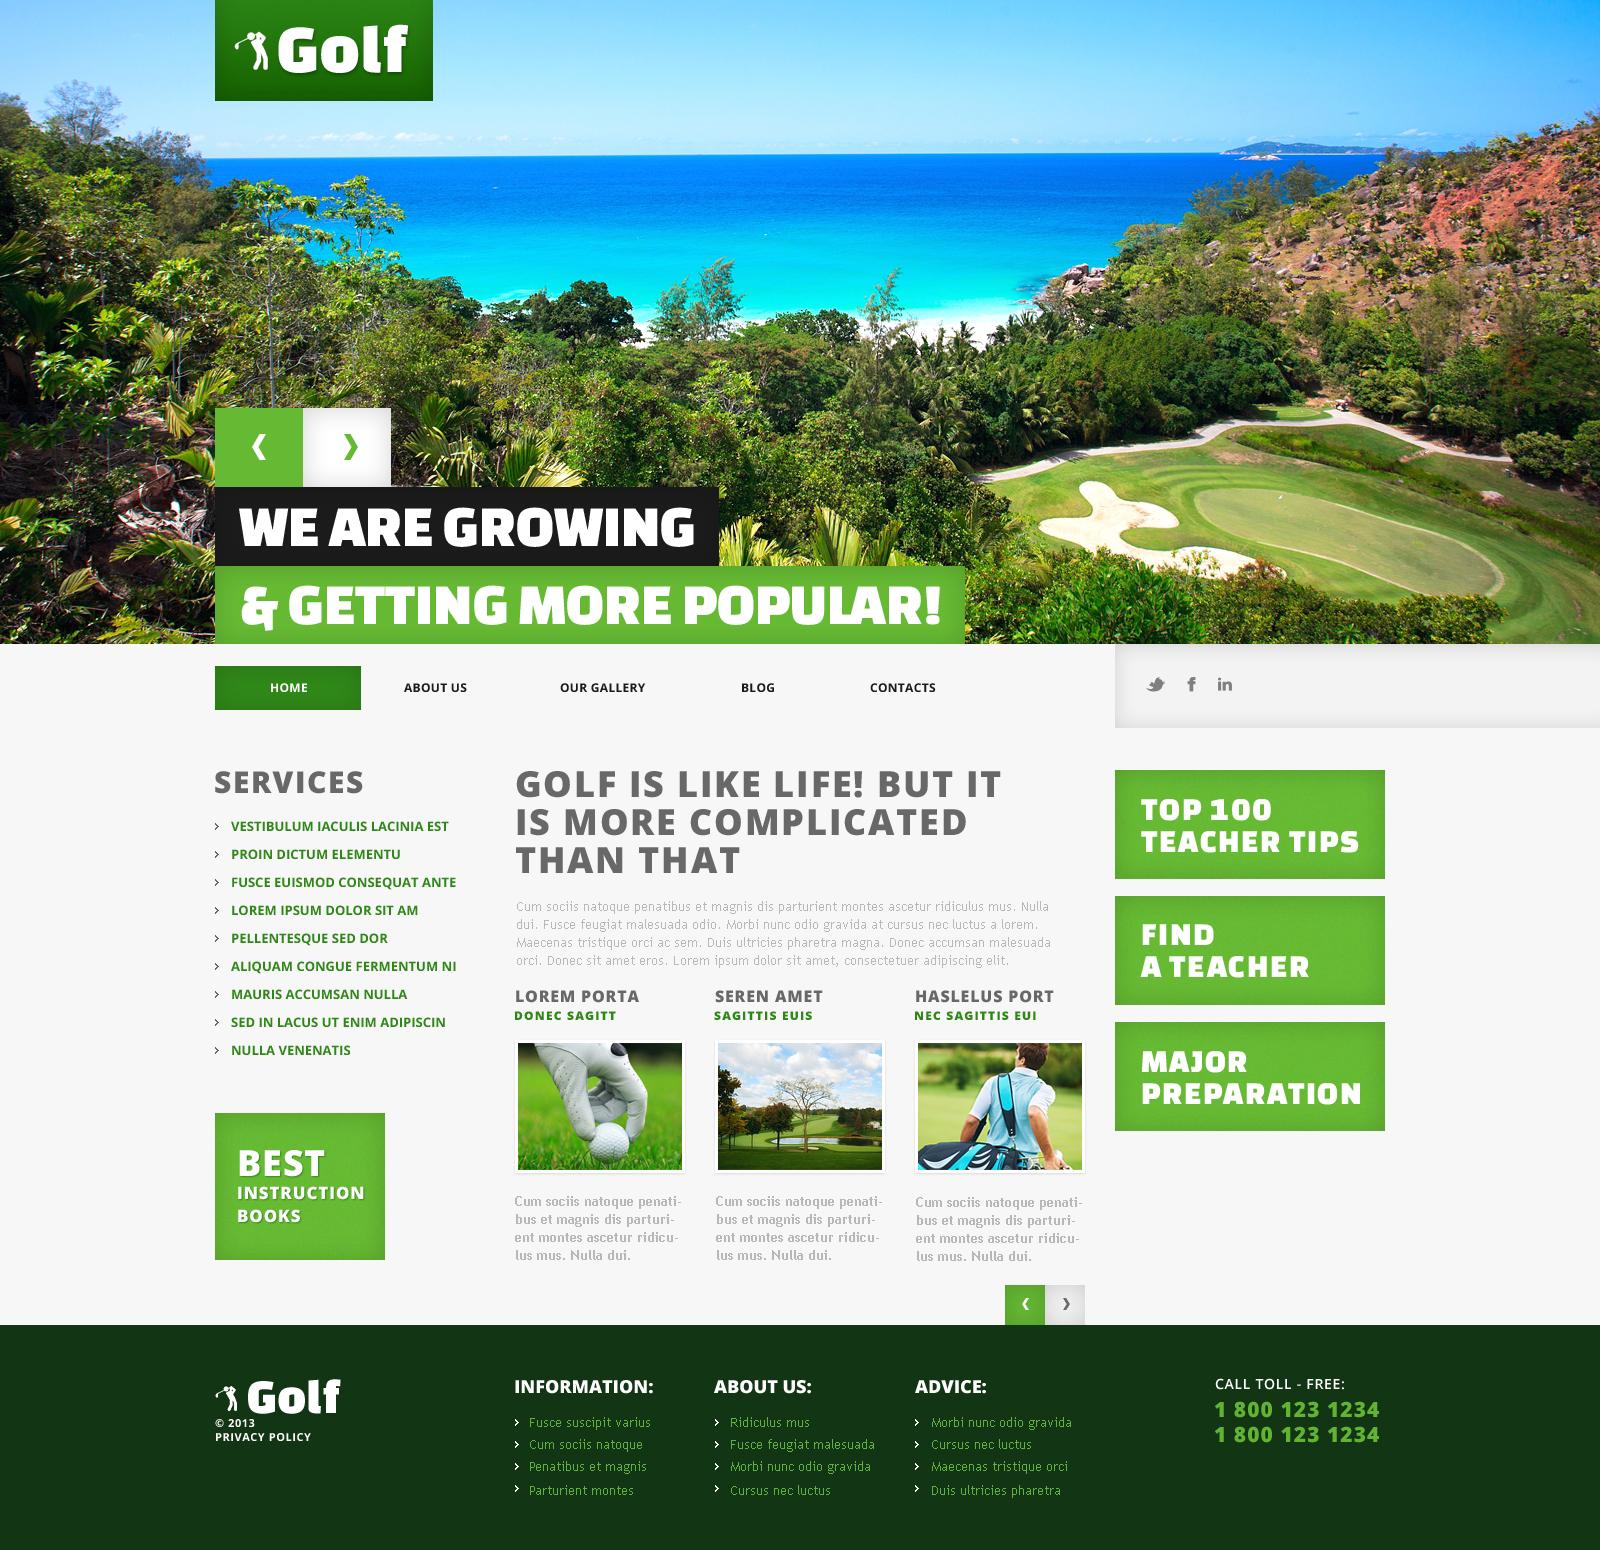 Modello WordPress Responsive #45545 per Un Sito di Golf - screenshot